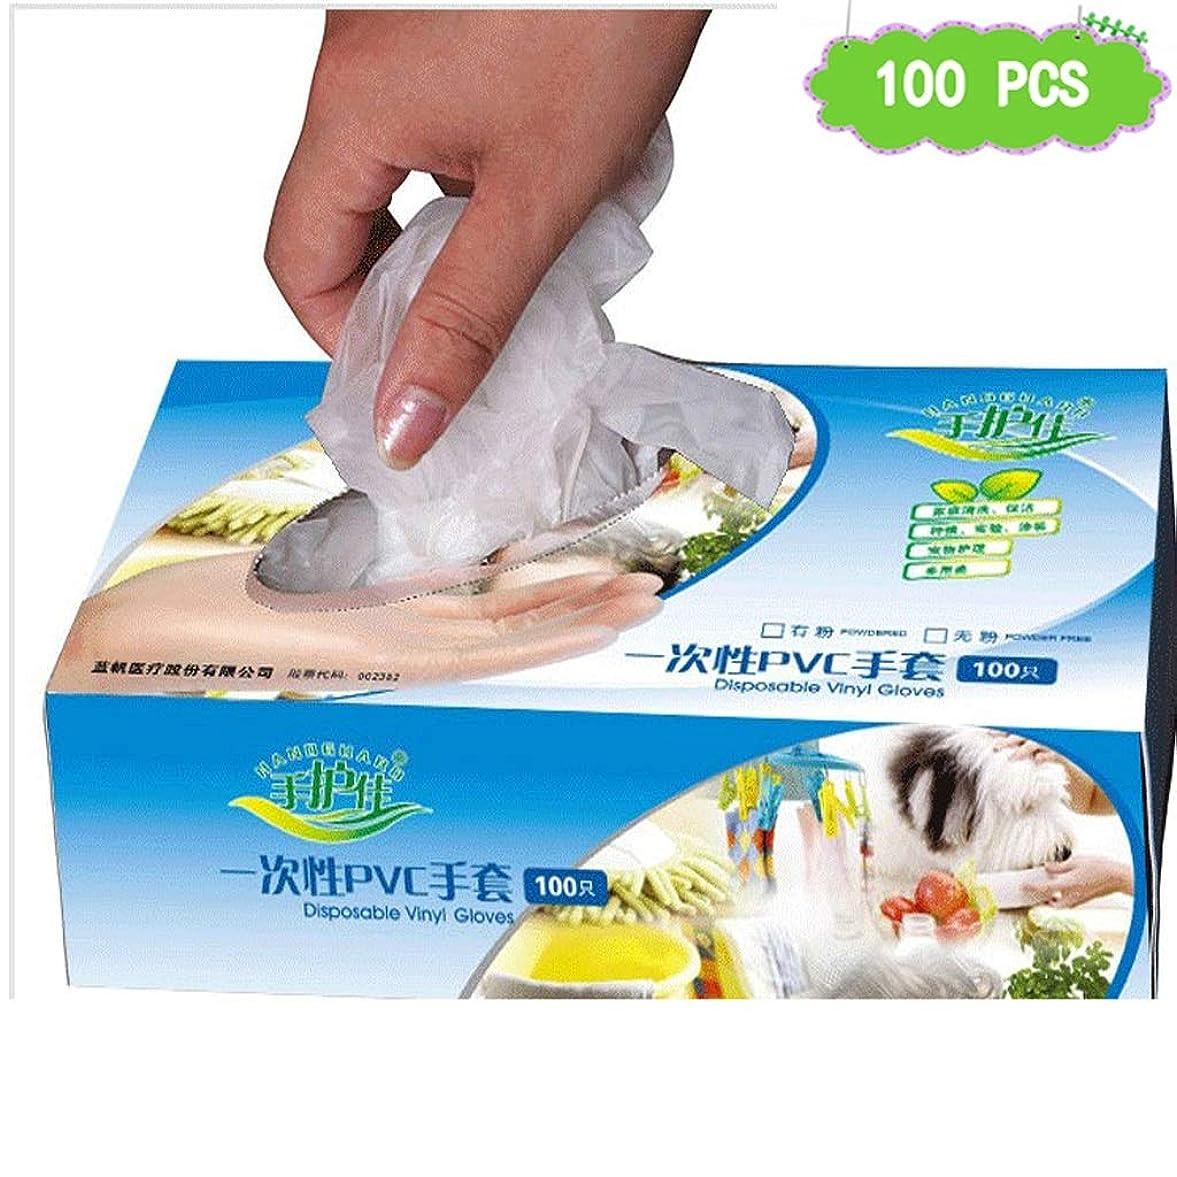 集中パンフレット政治的ビニール試験使い捨て手袋ゴム研究所労働保険PVC手袋検査保護実験、ビューティーサロンラテックスフリー、パウダーフリー、両手利き、100個 (Size : M)